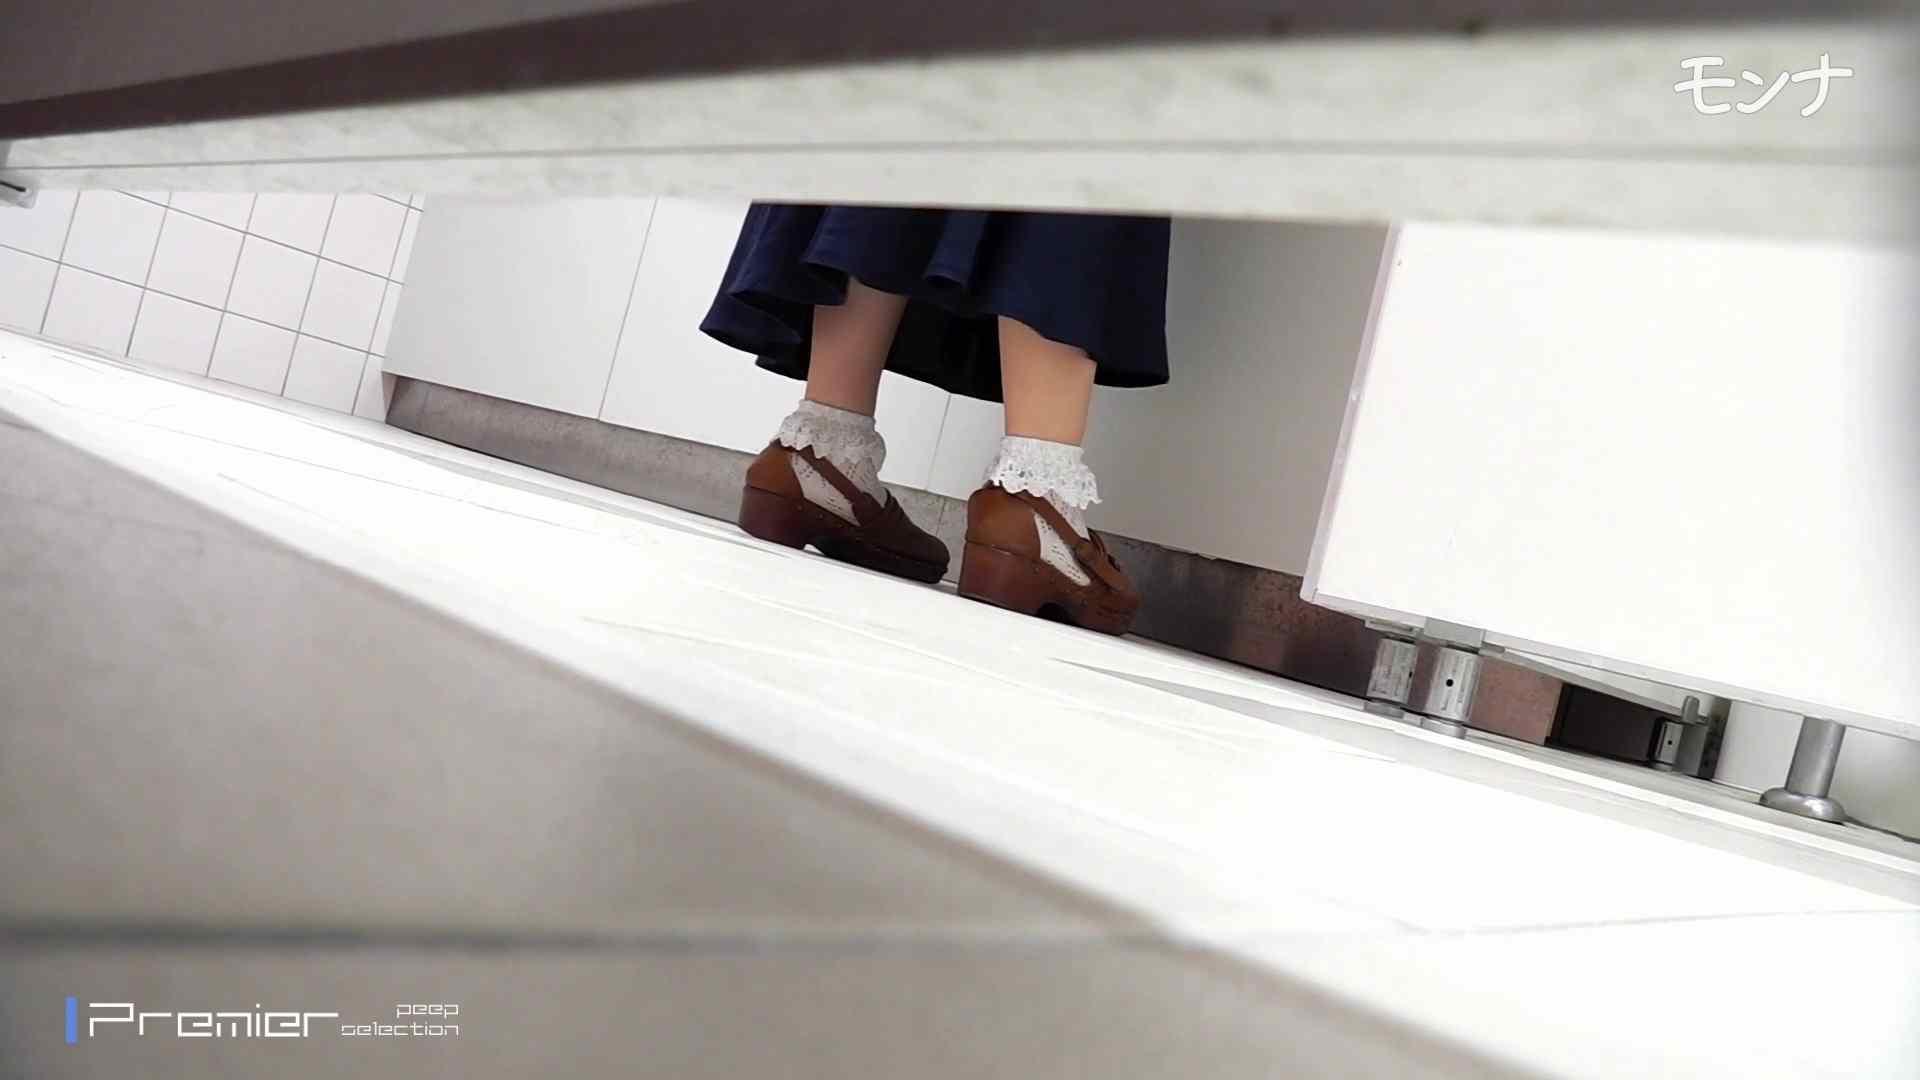 美しい日本の未来 No.55 普通の子たちの日常調長身あり マンコ のぞき動画キャプチャ 56連発 22